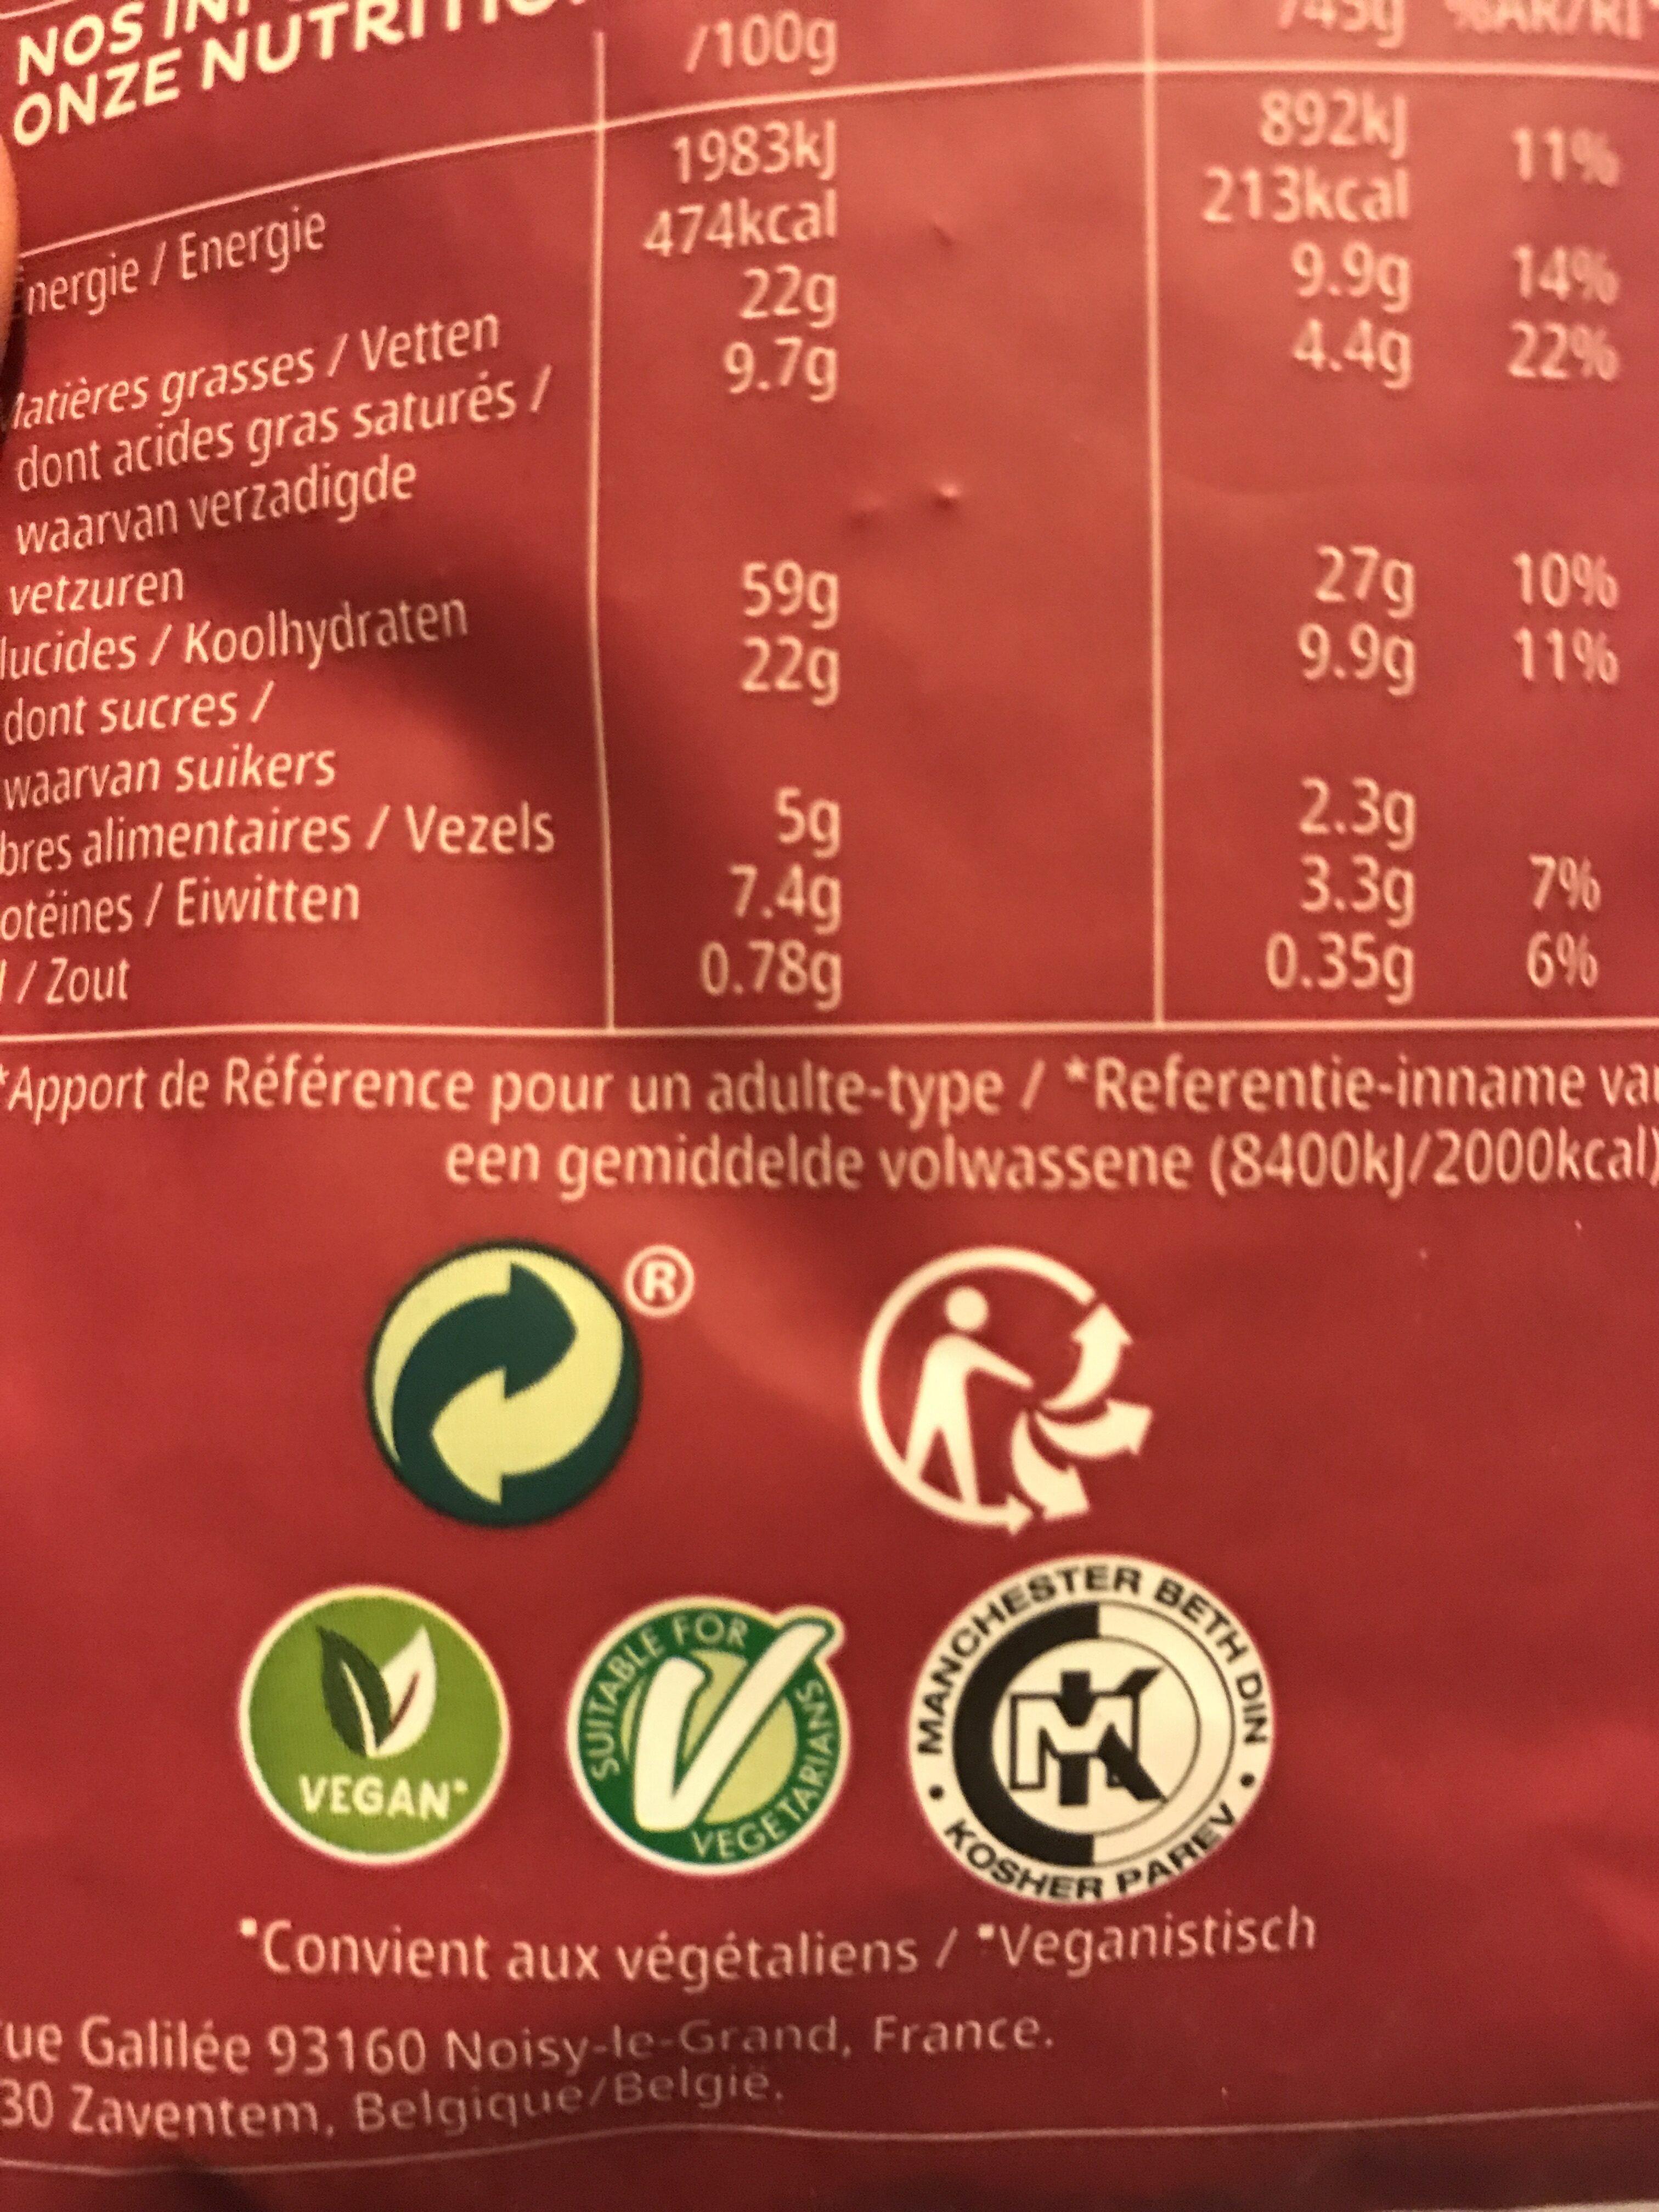 Kelloggs extra aux 3 fruits rouges - Istruzioni per il riciclaggio e/o informazioni sull'imballaggio - fr